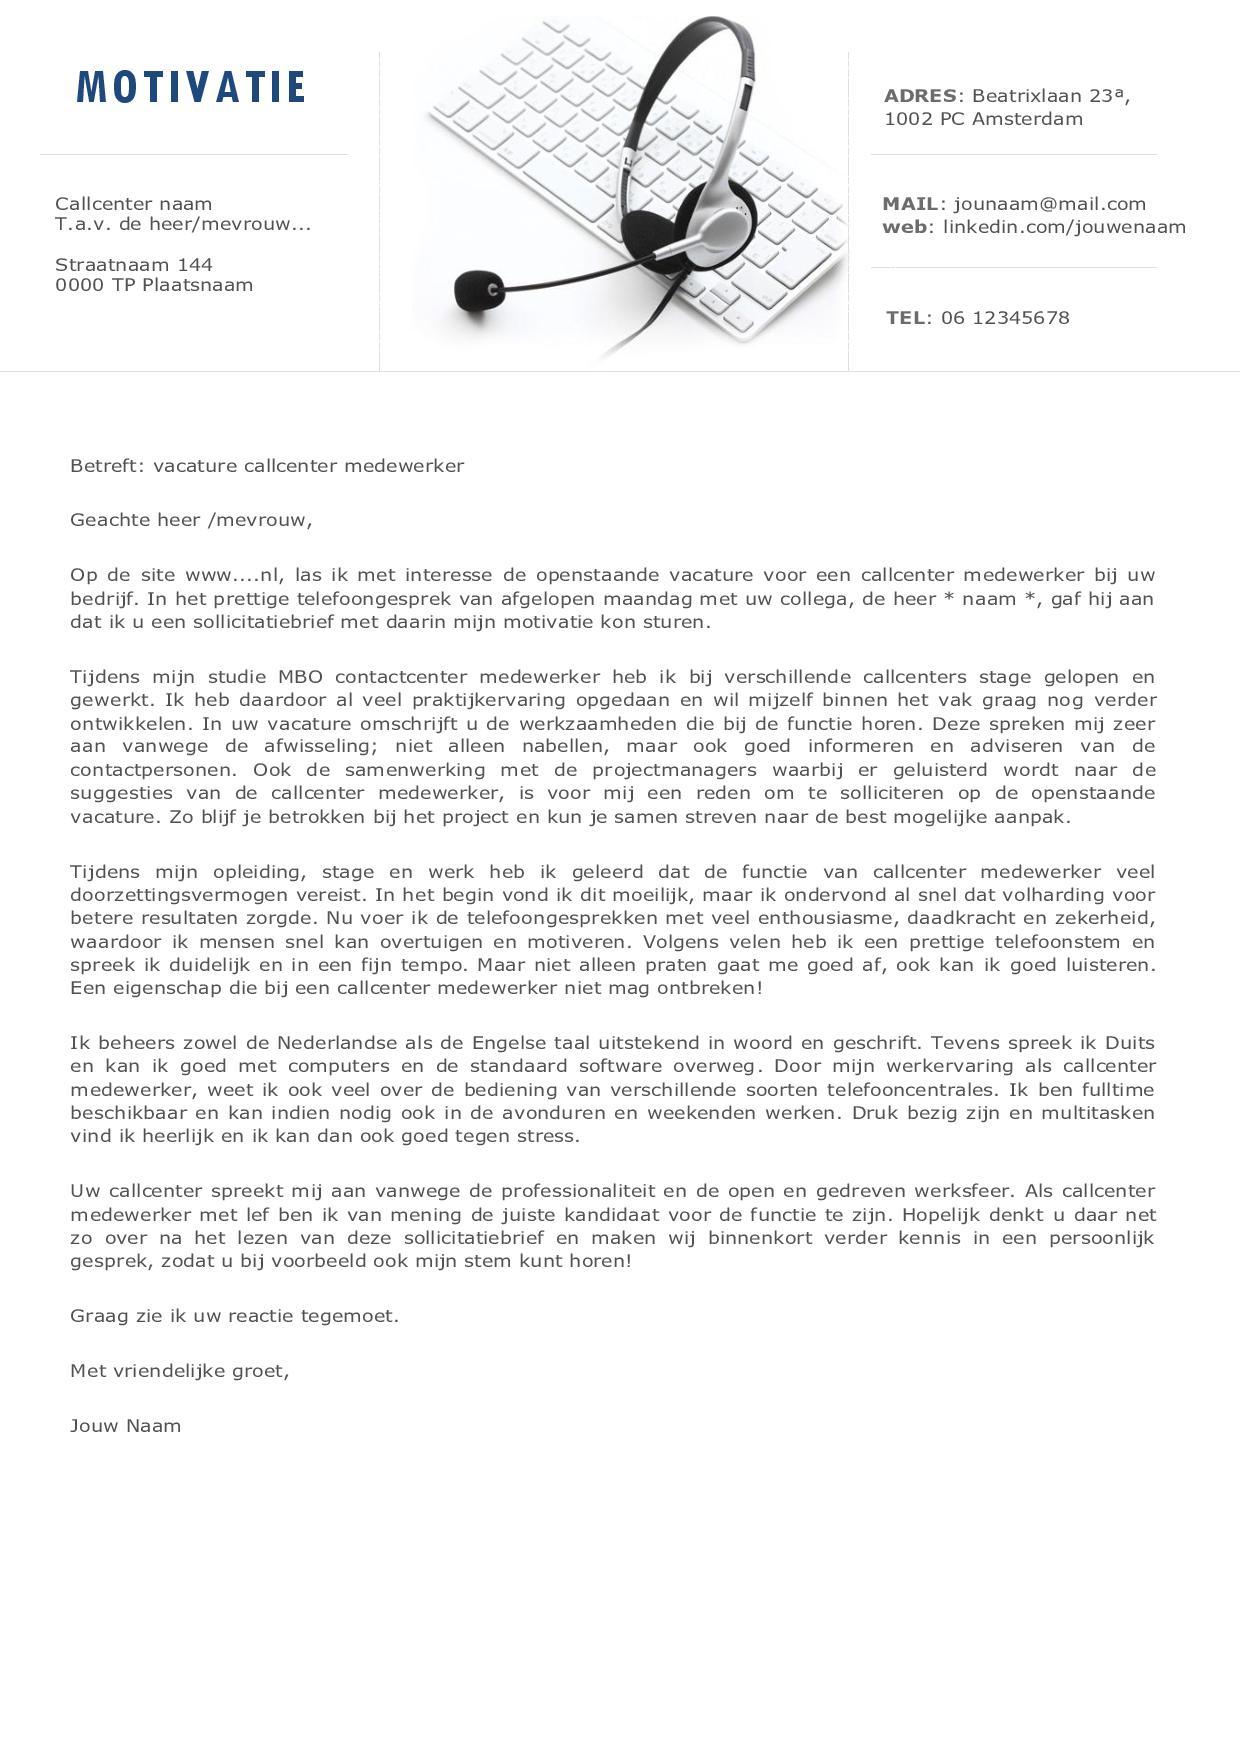 Het CV en sollicitatiebrief voor o.a callcenter medewerkers en